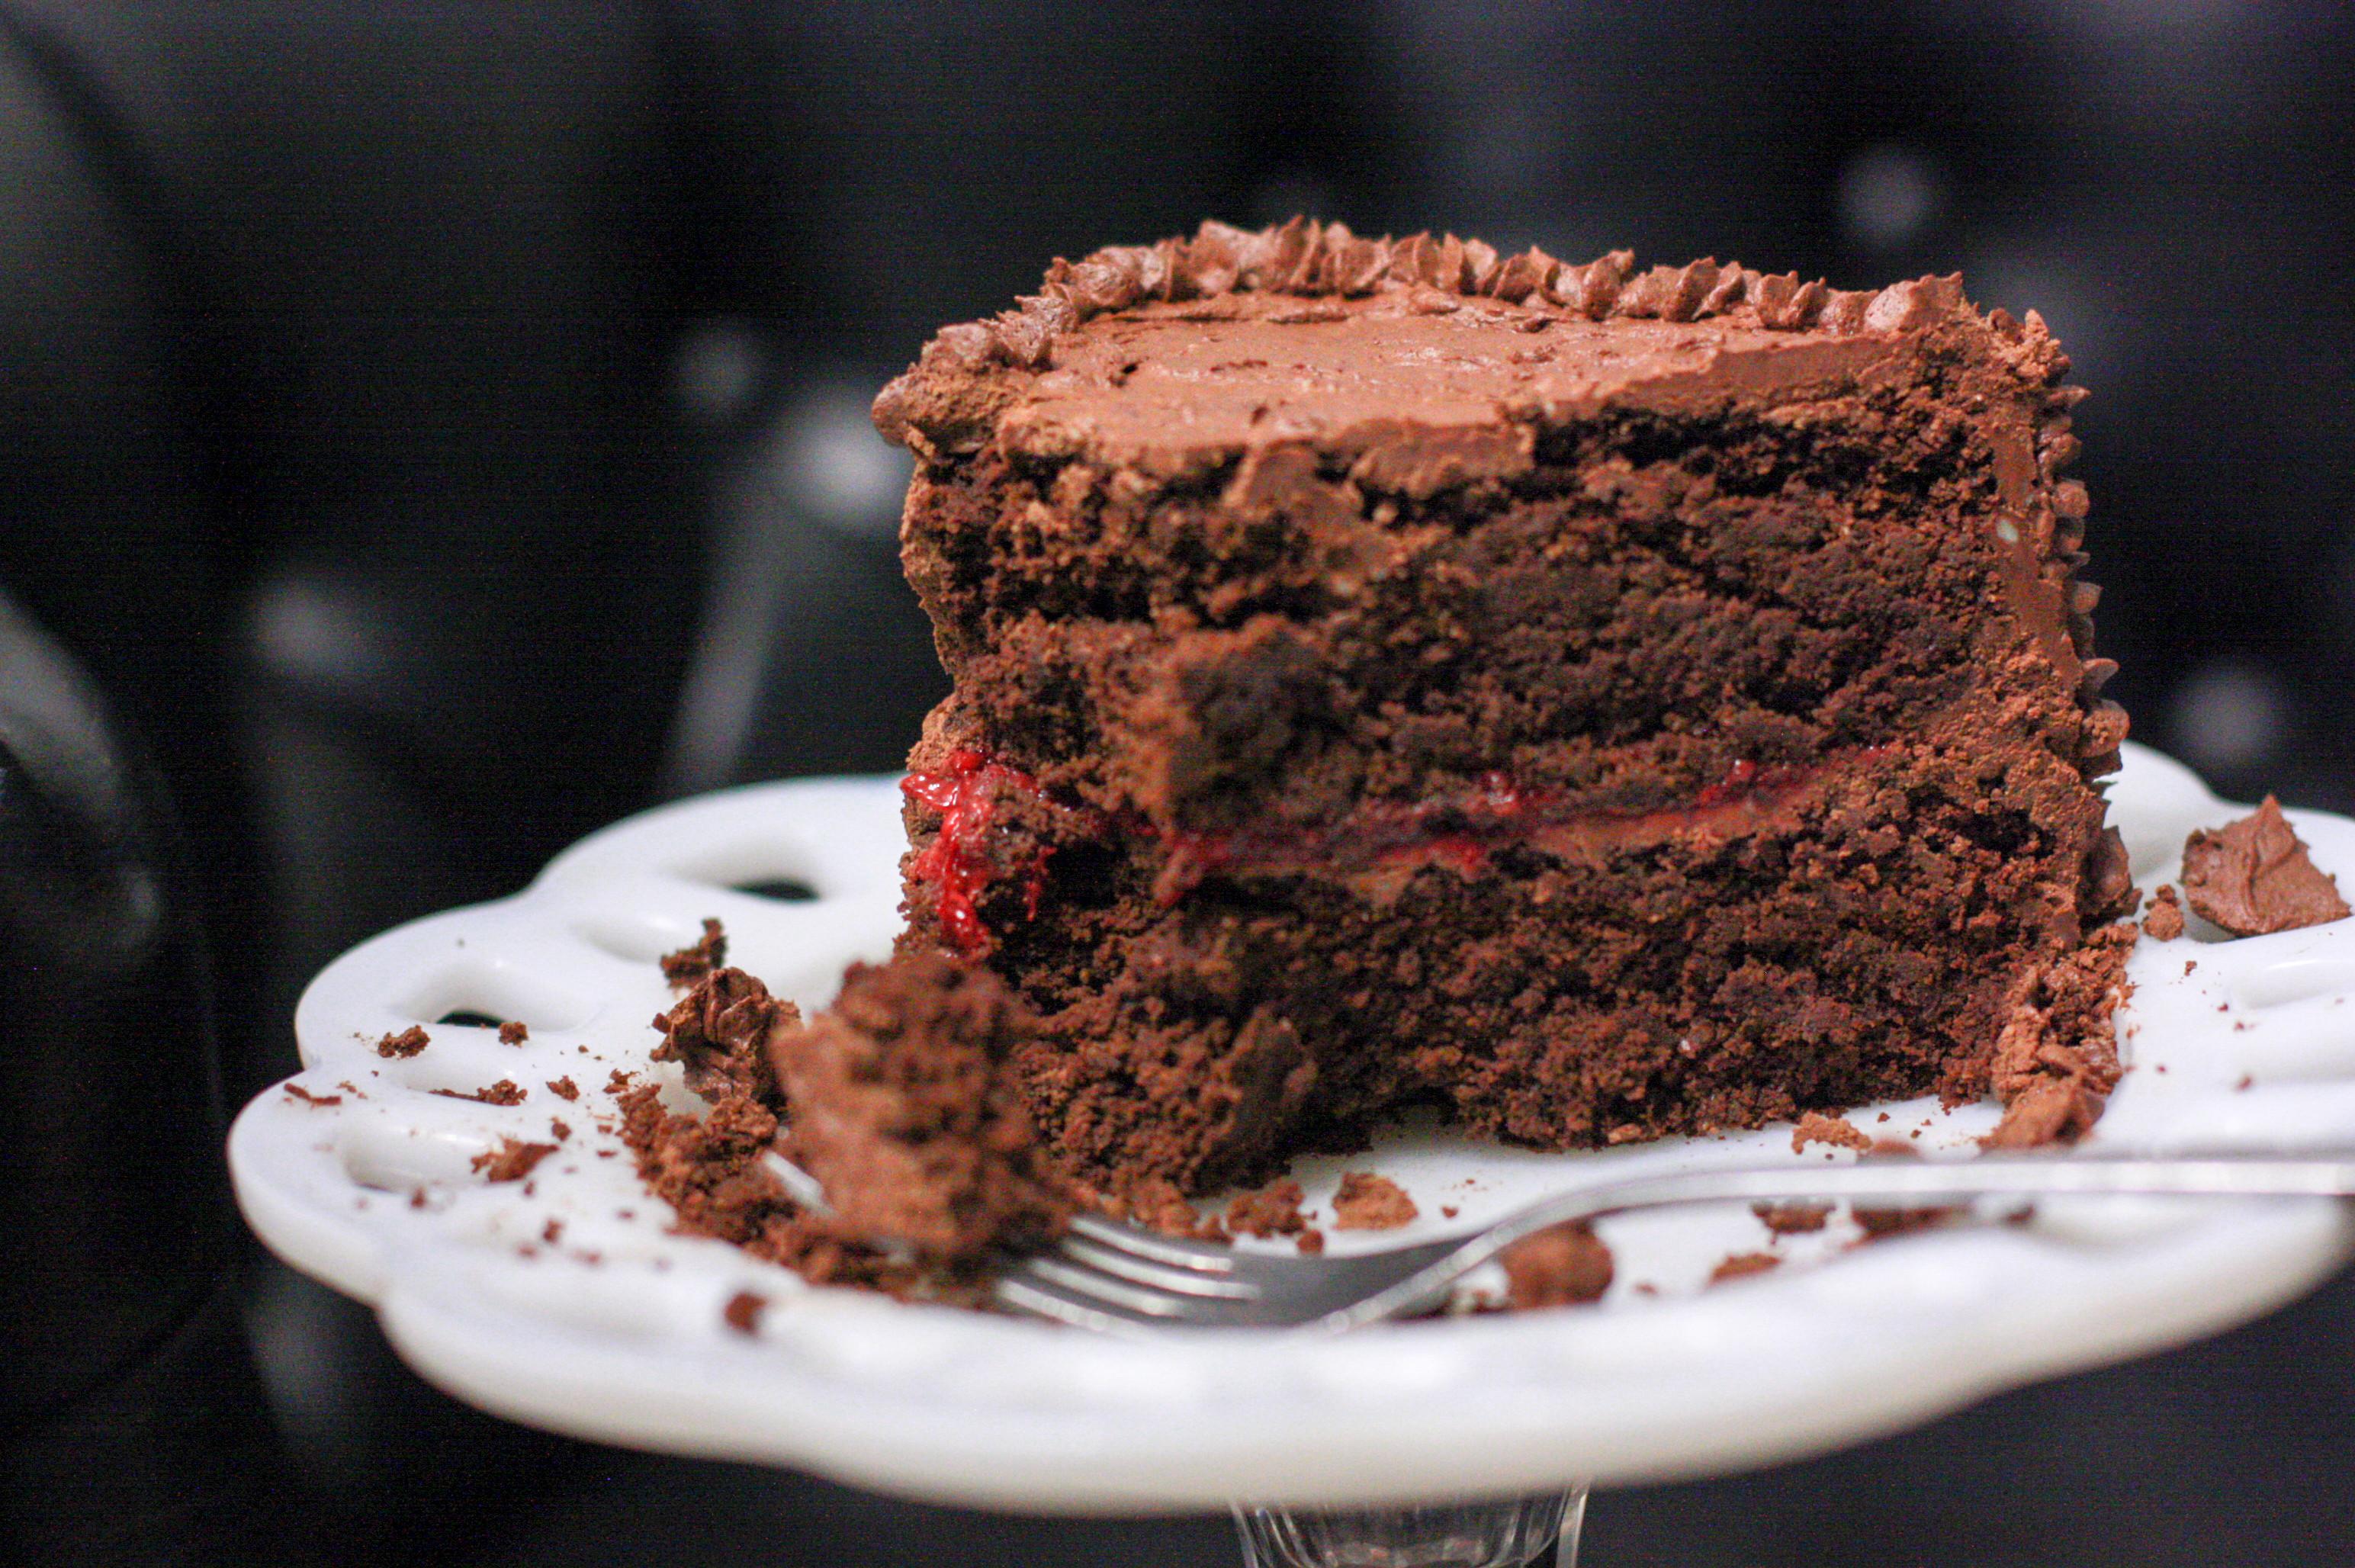 Keto Chocolate Cake Recipe  Vegan Keto Chocolate Cake passionate Keto